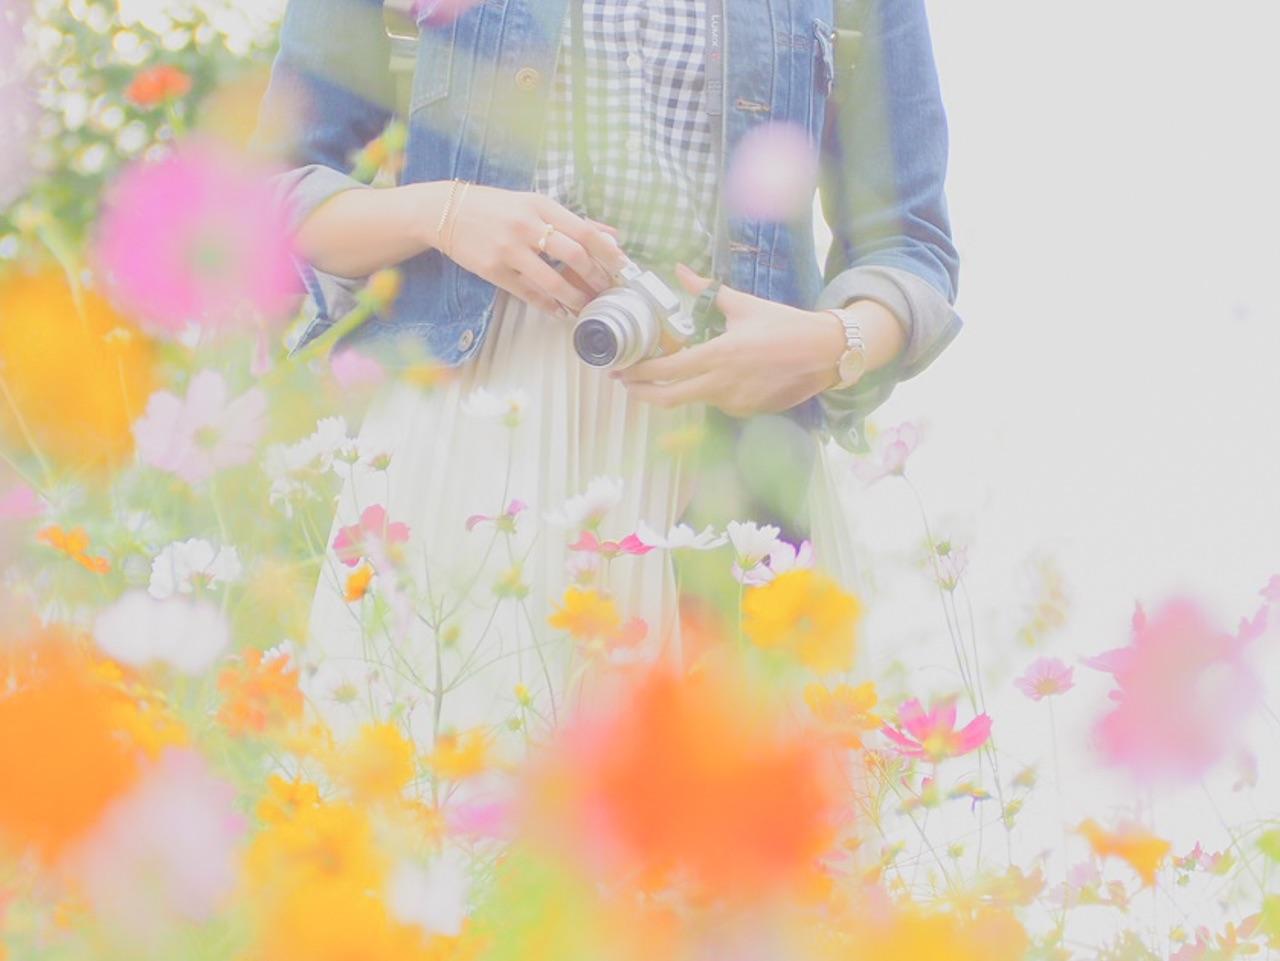 カメラ初心者女子こそ単焦点レンズを試してみるべき3つの理由